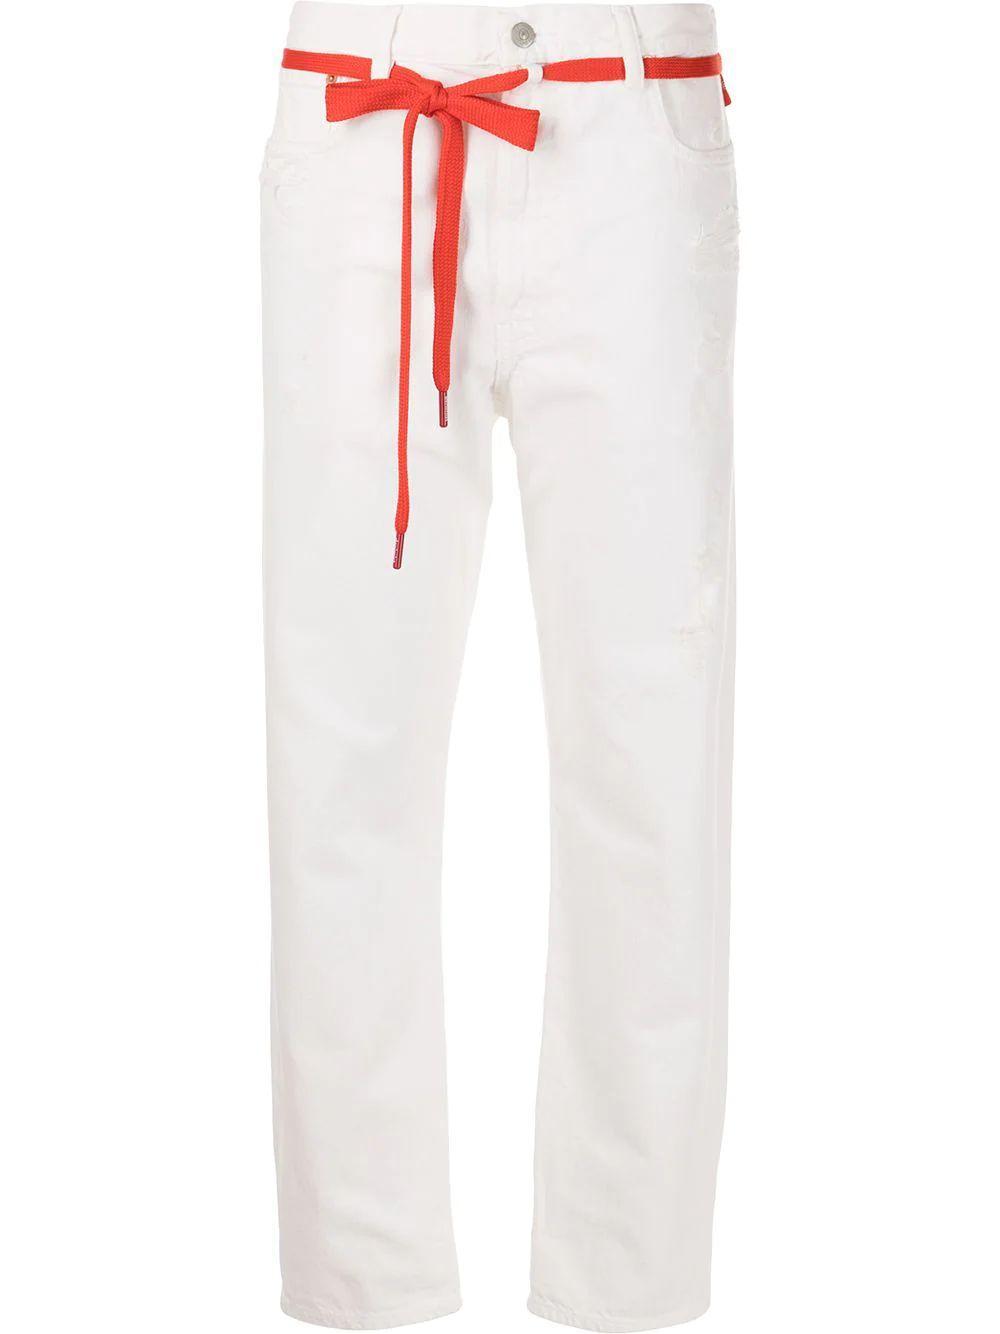 Harper Shoelace Belt Jean Item # DSW2400-500C